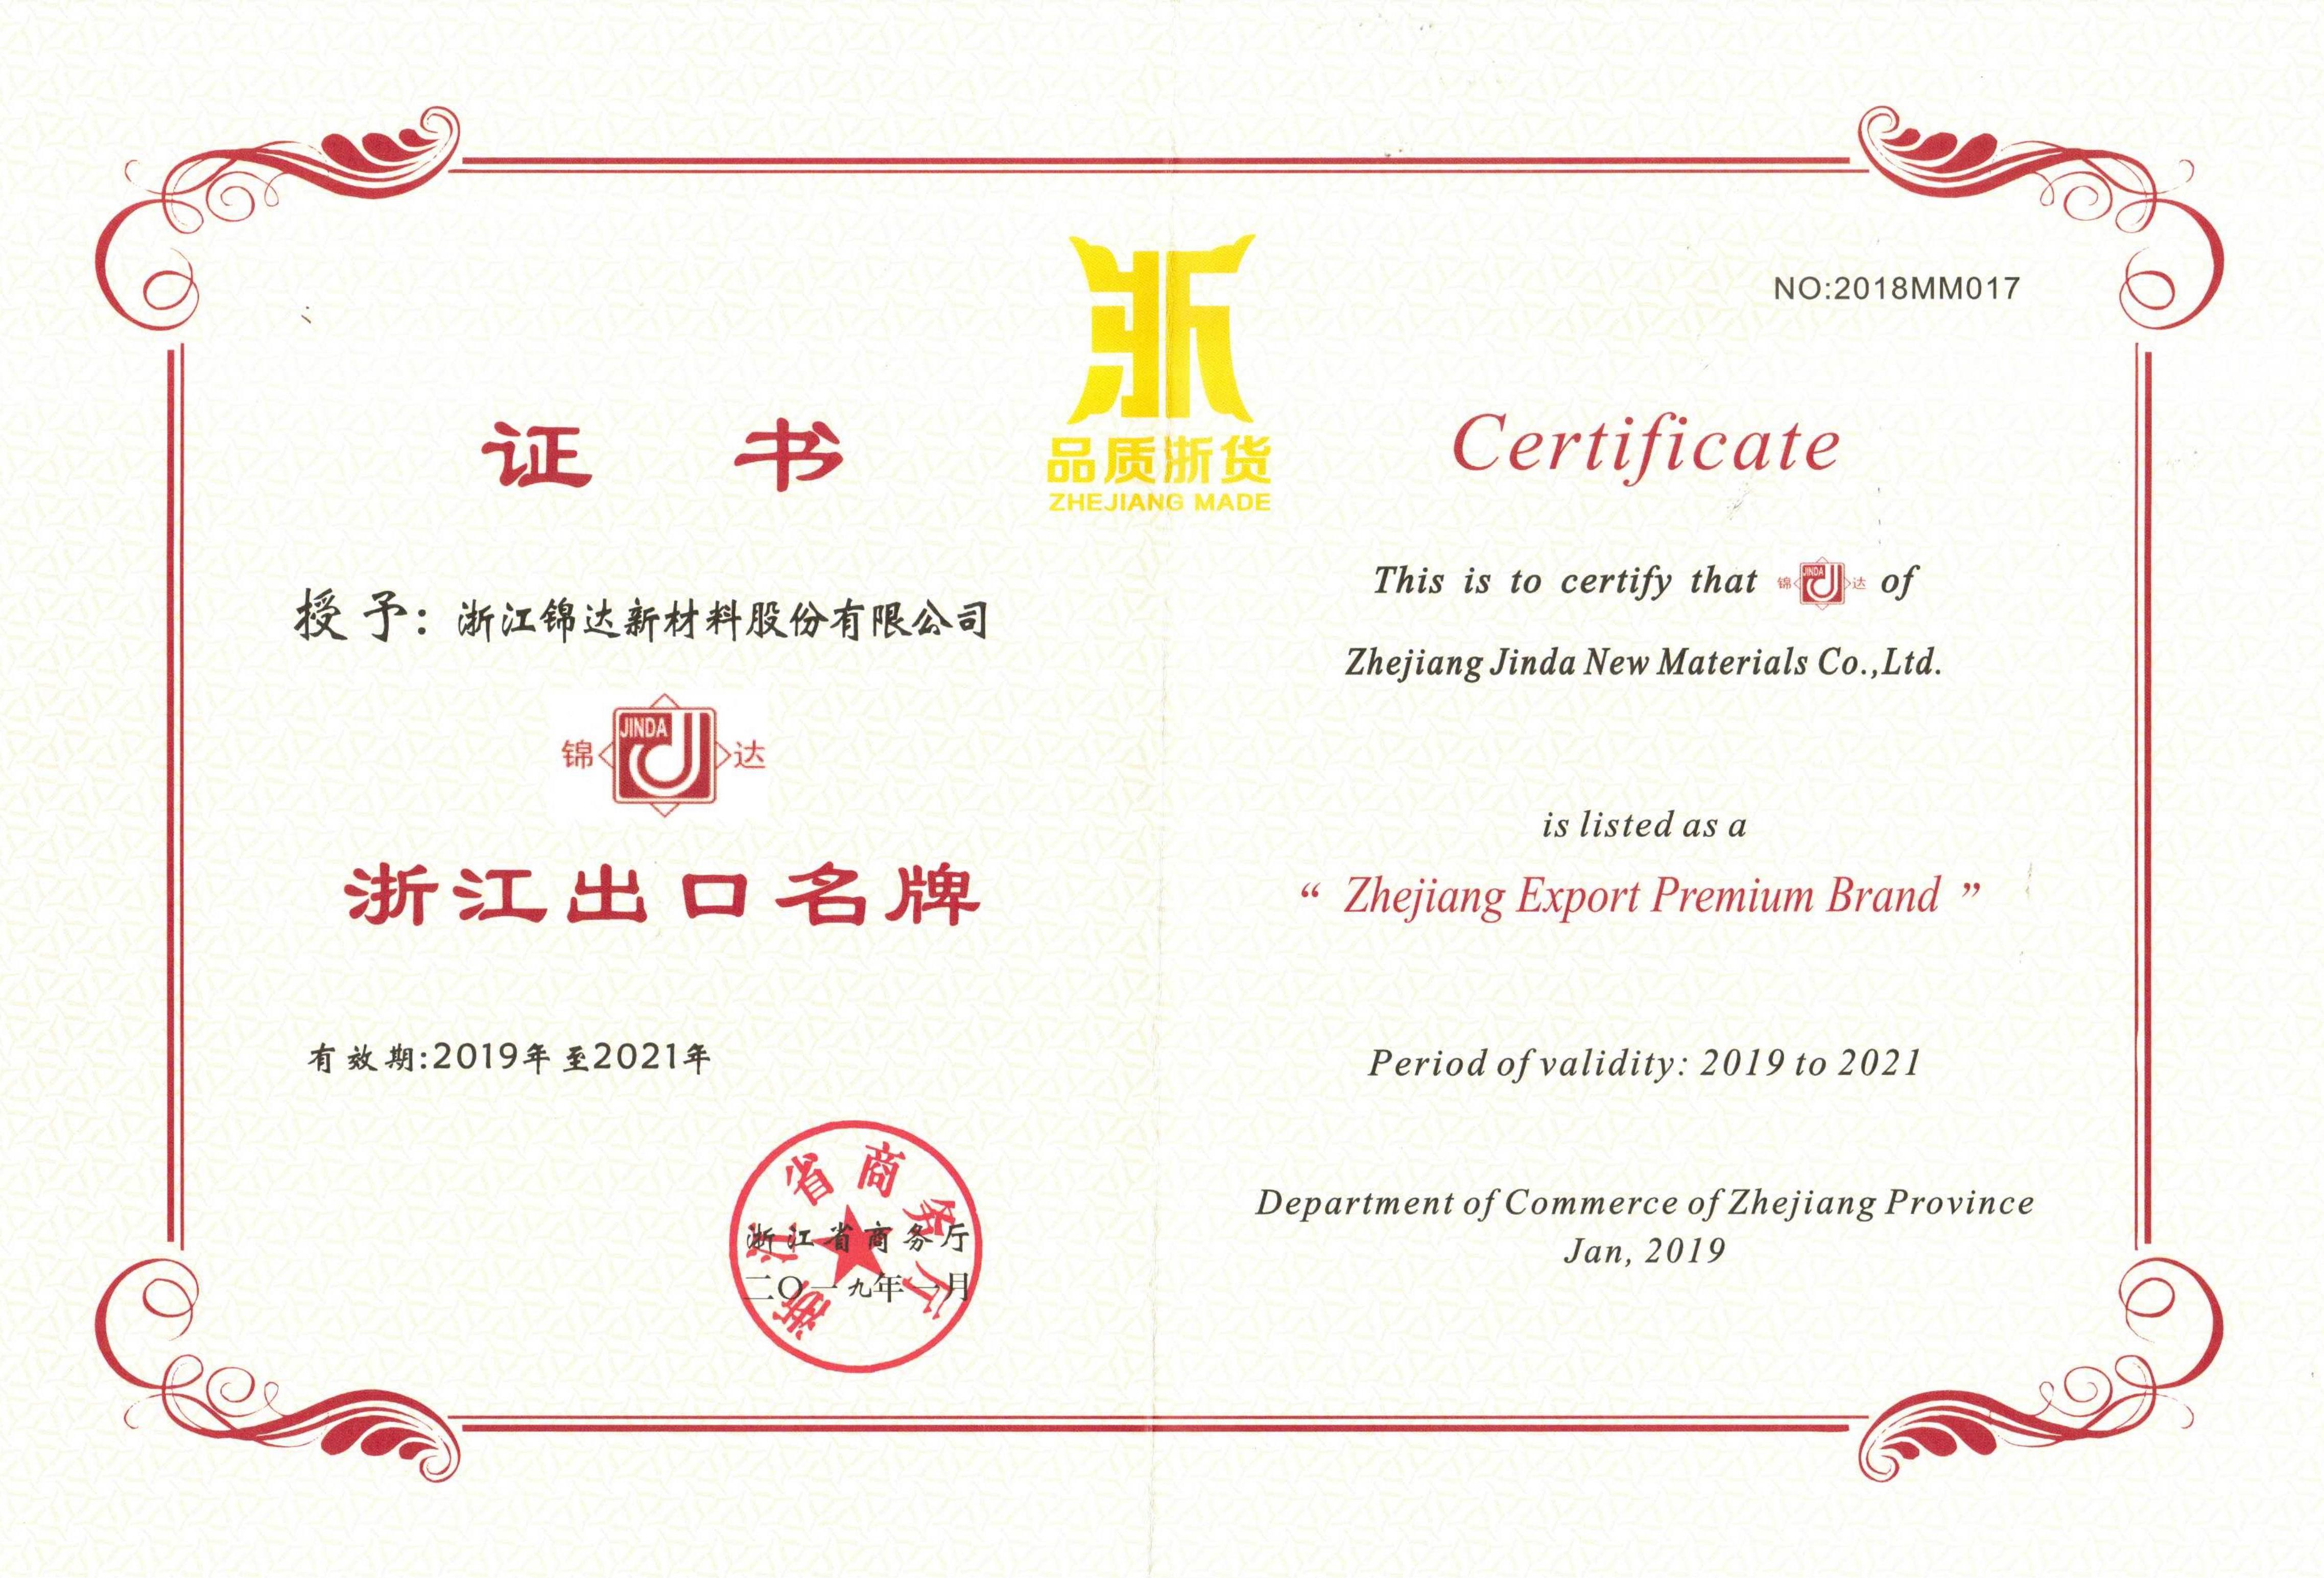 浙江出口名牌证书2019-2021.jpg